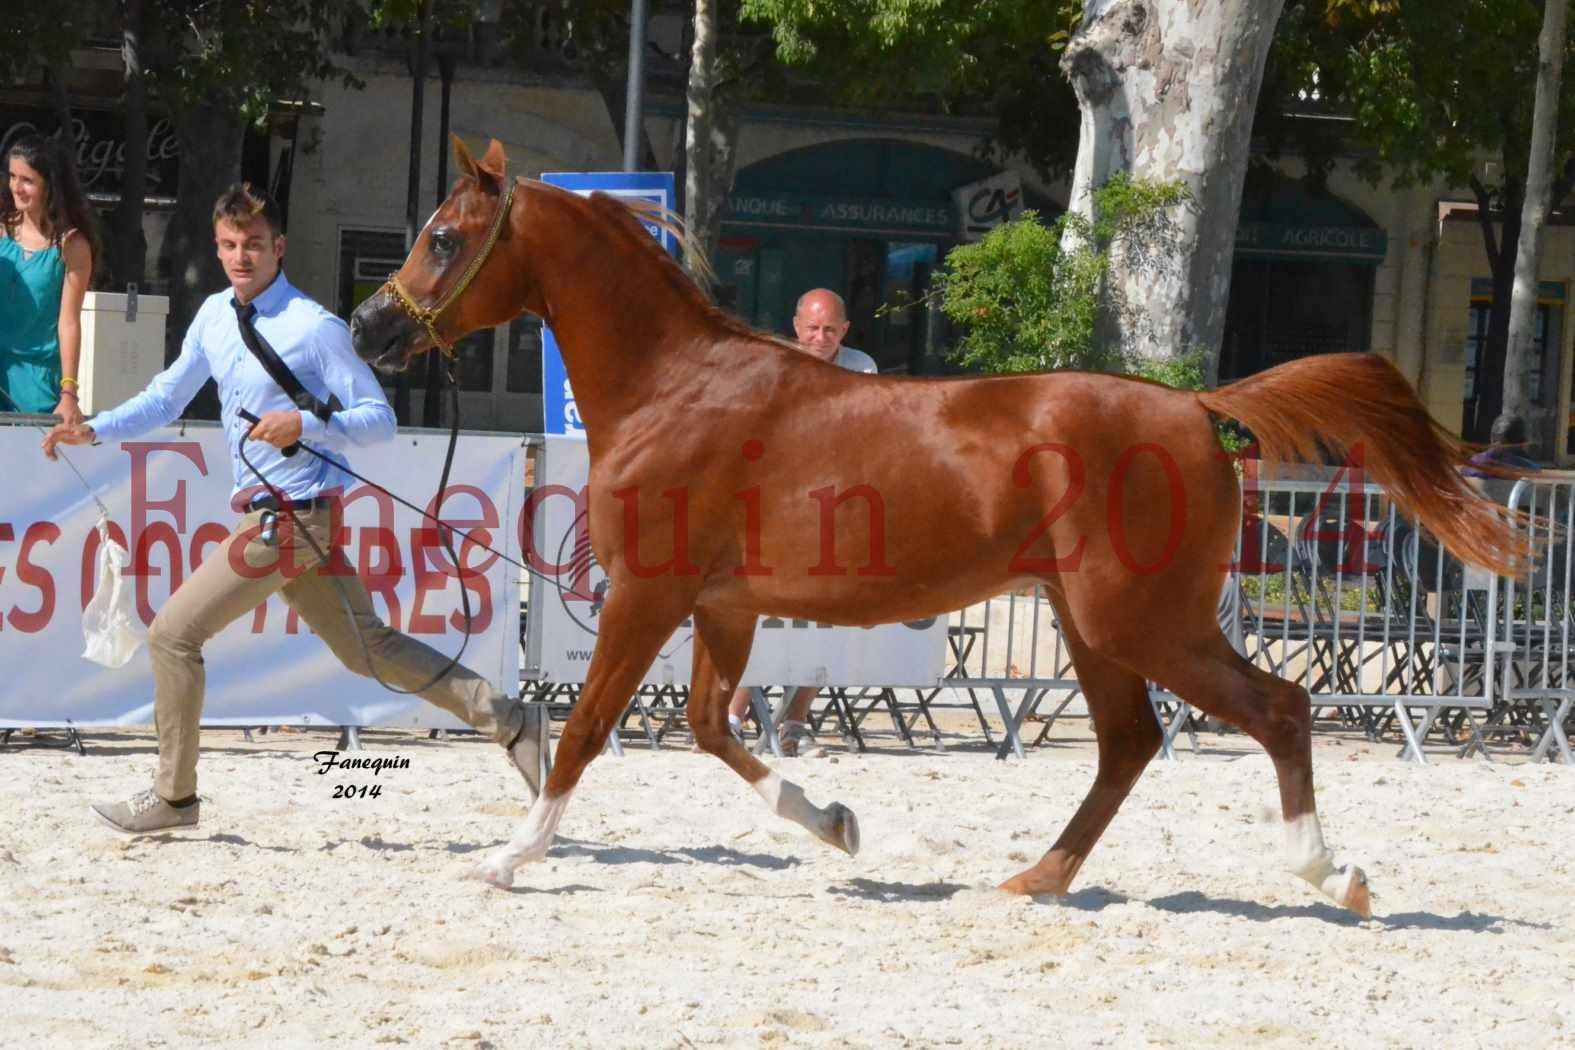 Concours National de Nîmes de chevaux ARABES 2014 - Notre Sélection - DZHARI NUNKI - 04